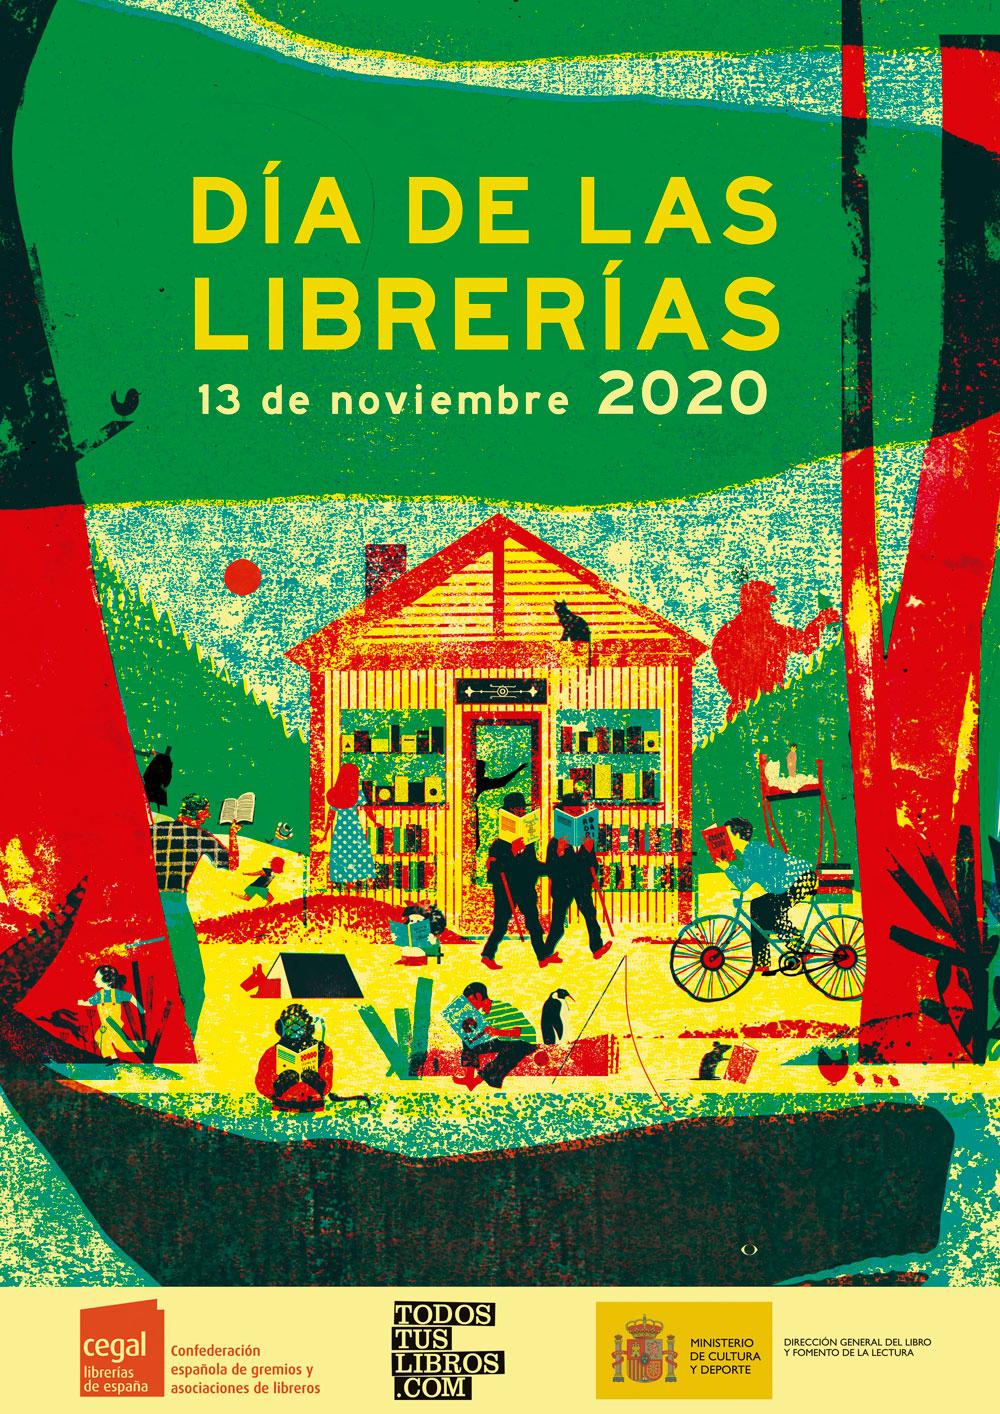 Cartel Día de las librerías 2020